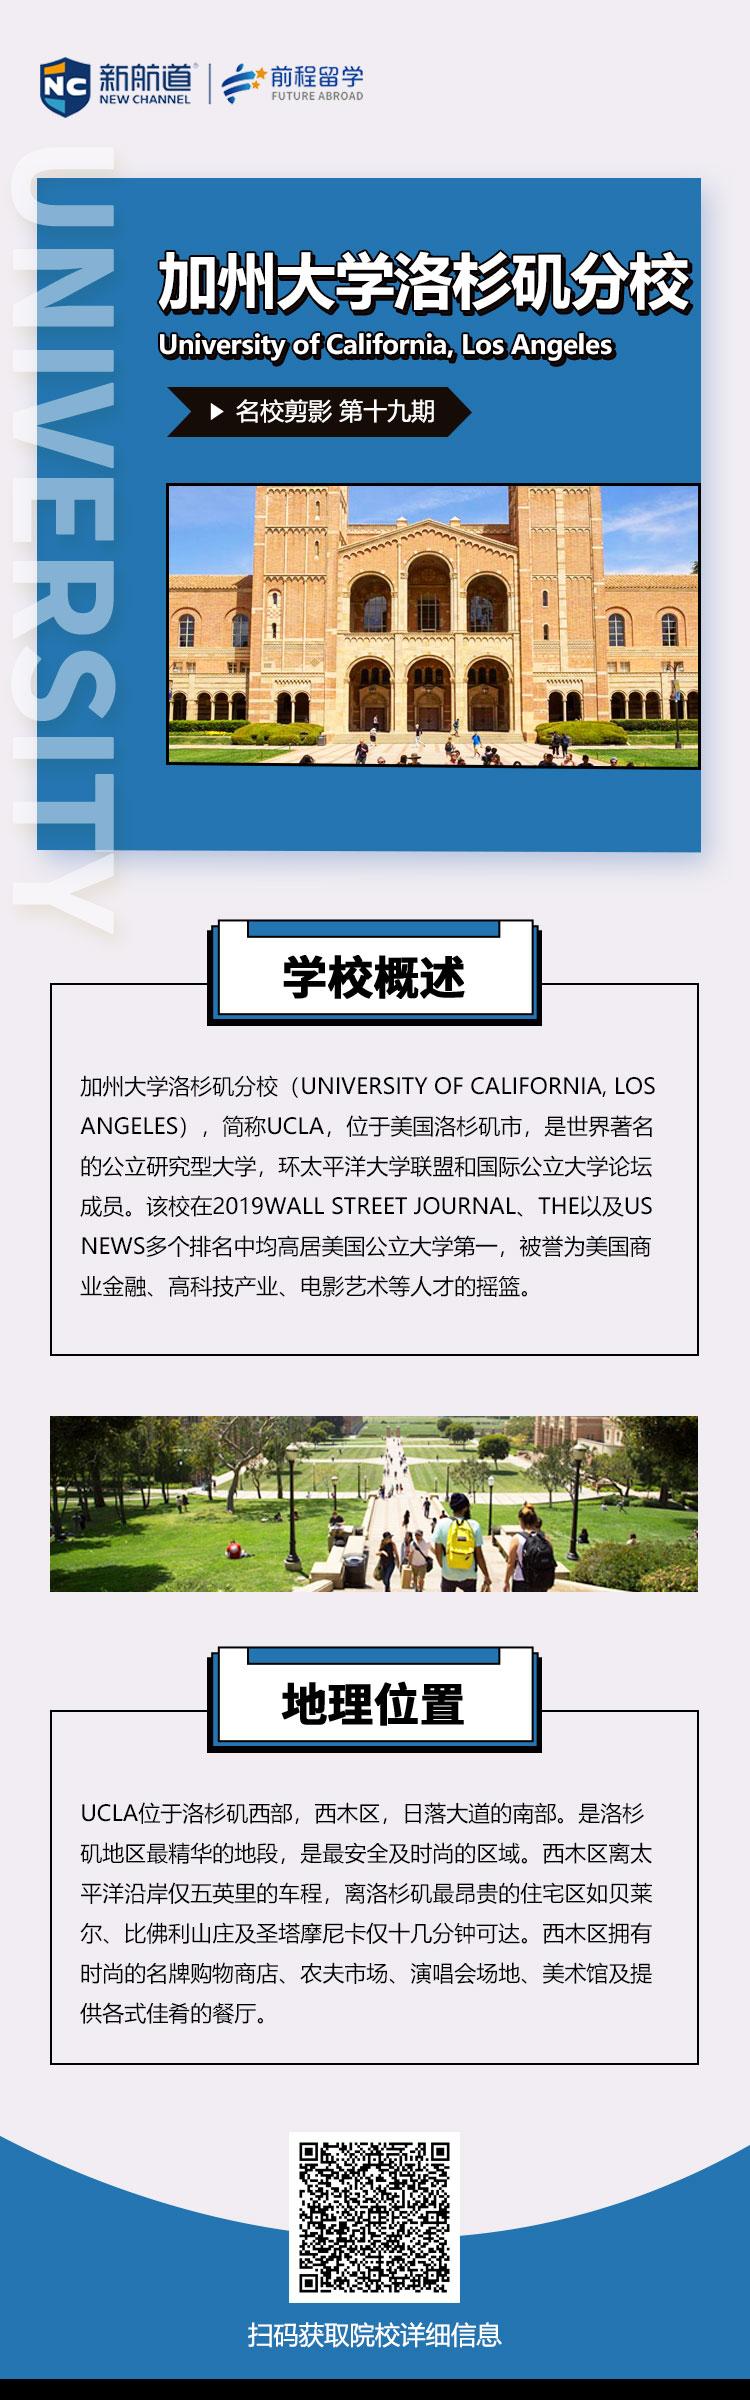 《名校剪影》之加州大学洛杉矶分校本科留学申请条件